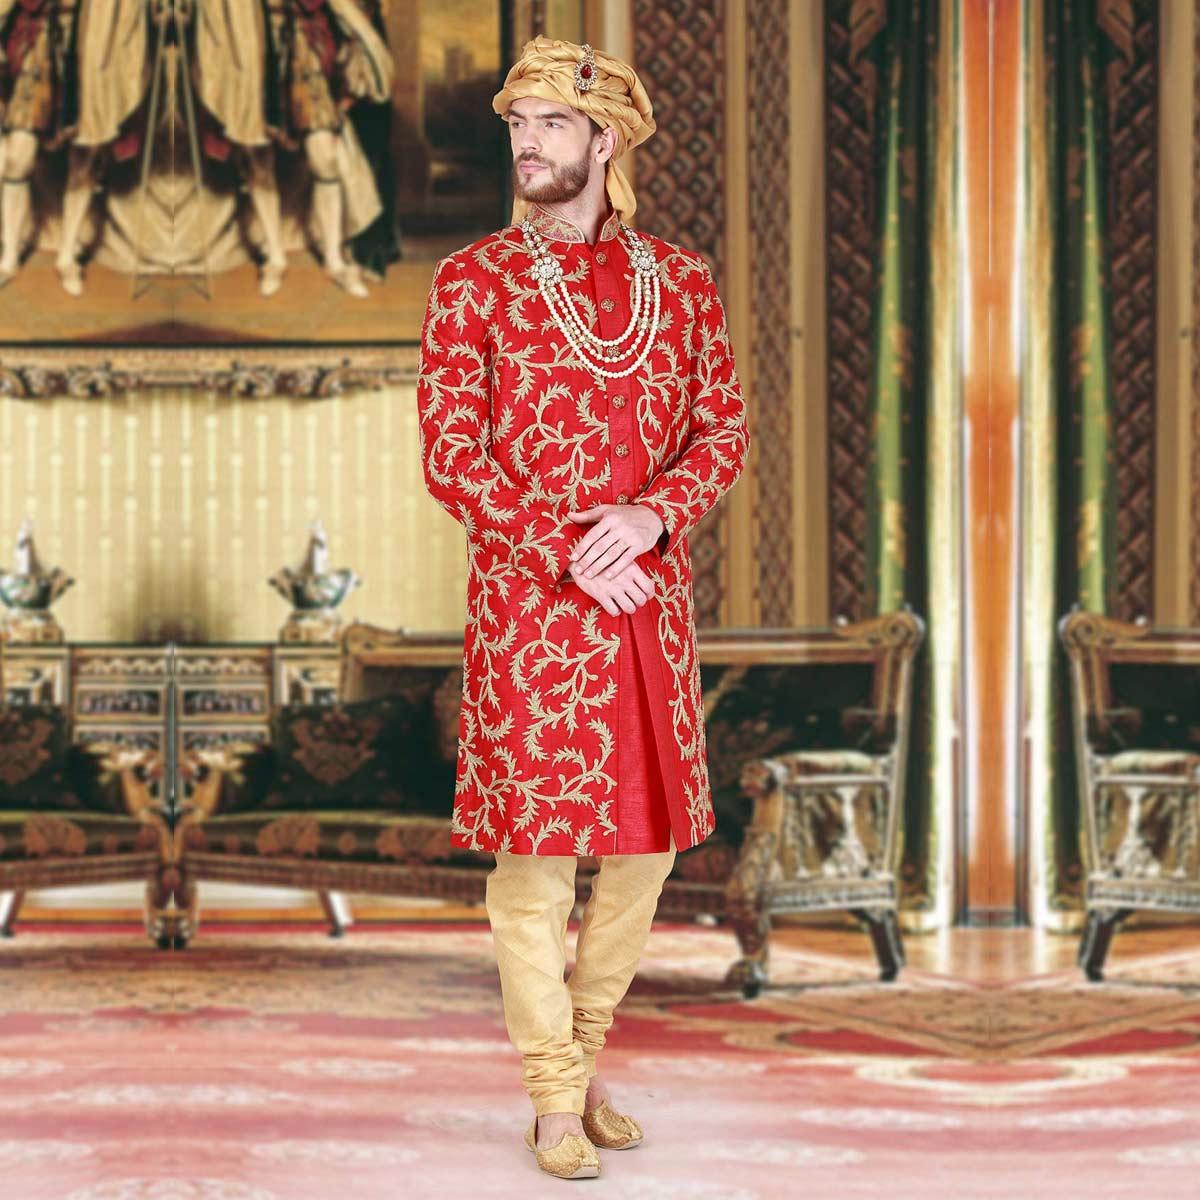 ffed20d1ed Best men suit tailors, best suits shops in Punjab, Men clothing stores, Best